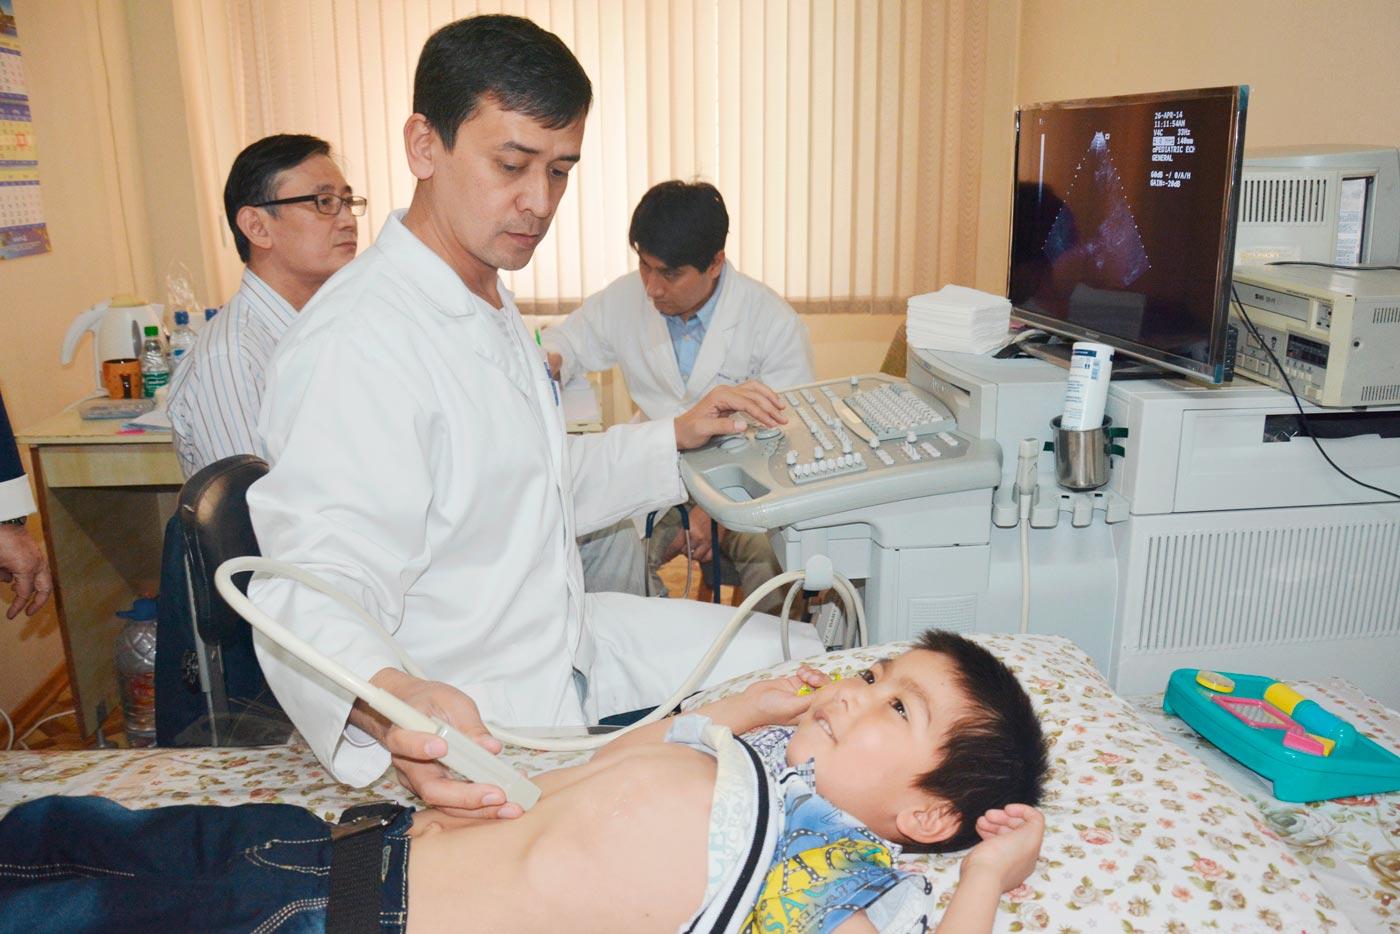 6 детей из Узбекистана отправятся на операцию сердца в Южную Корею